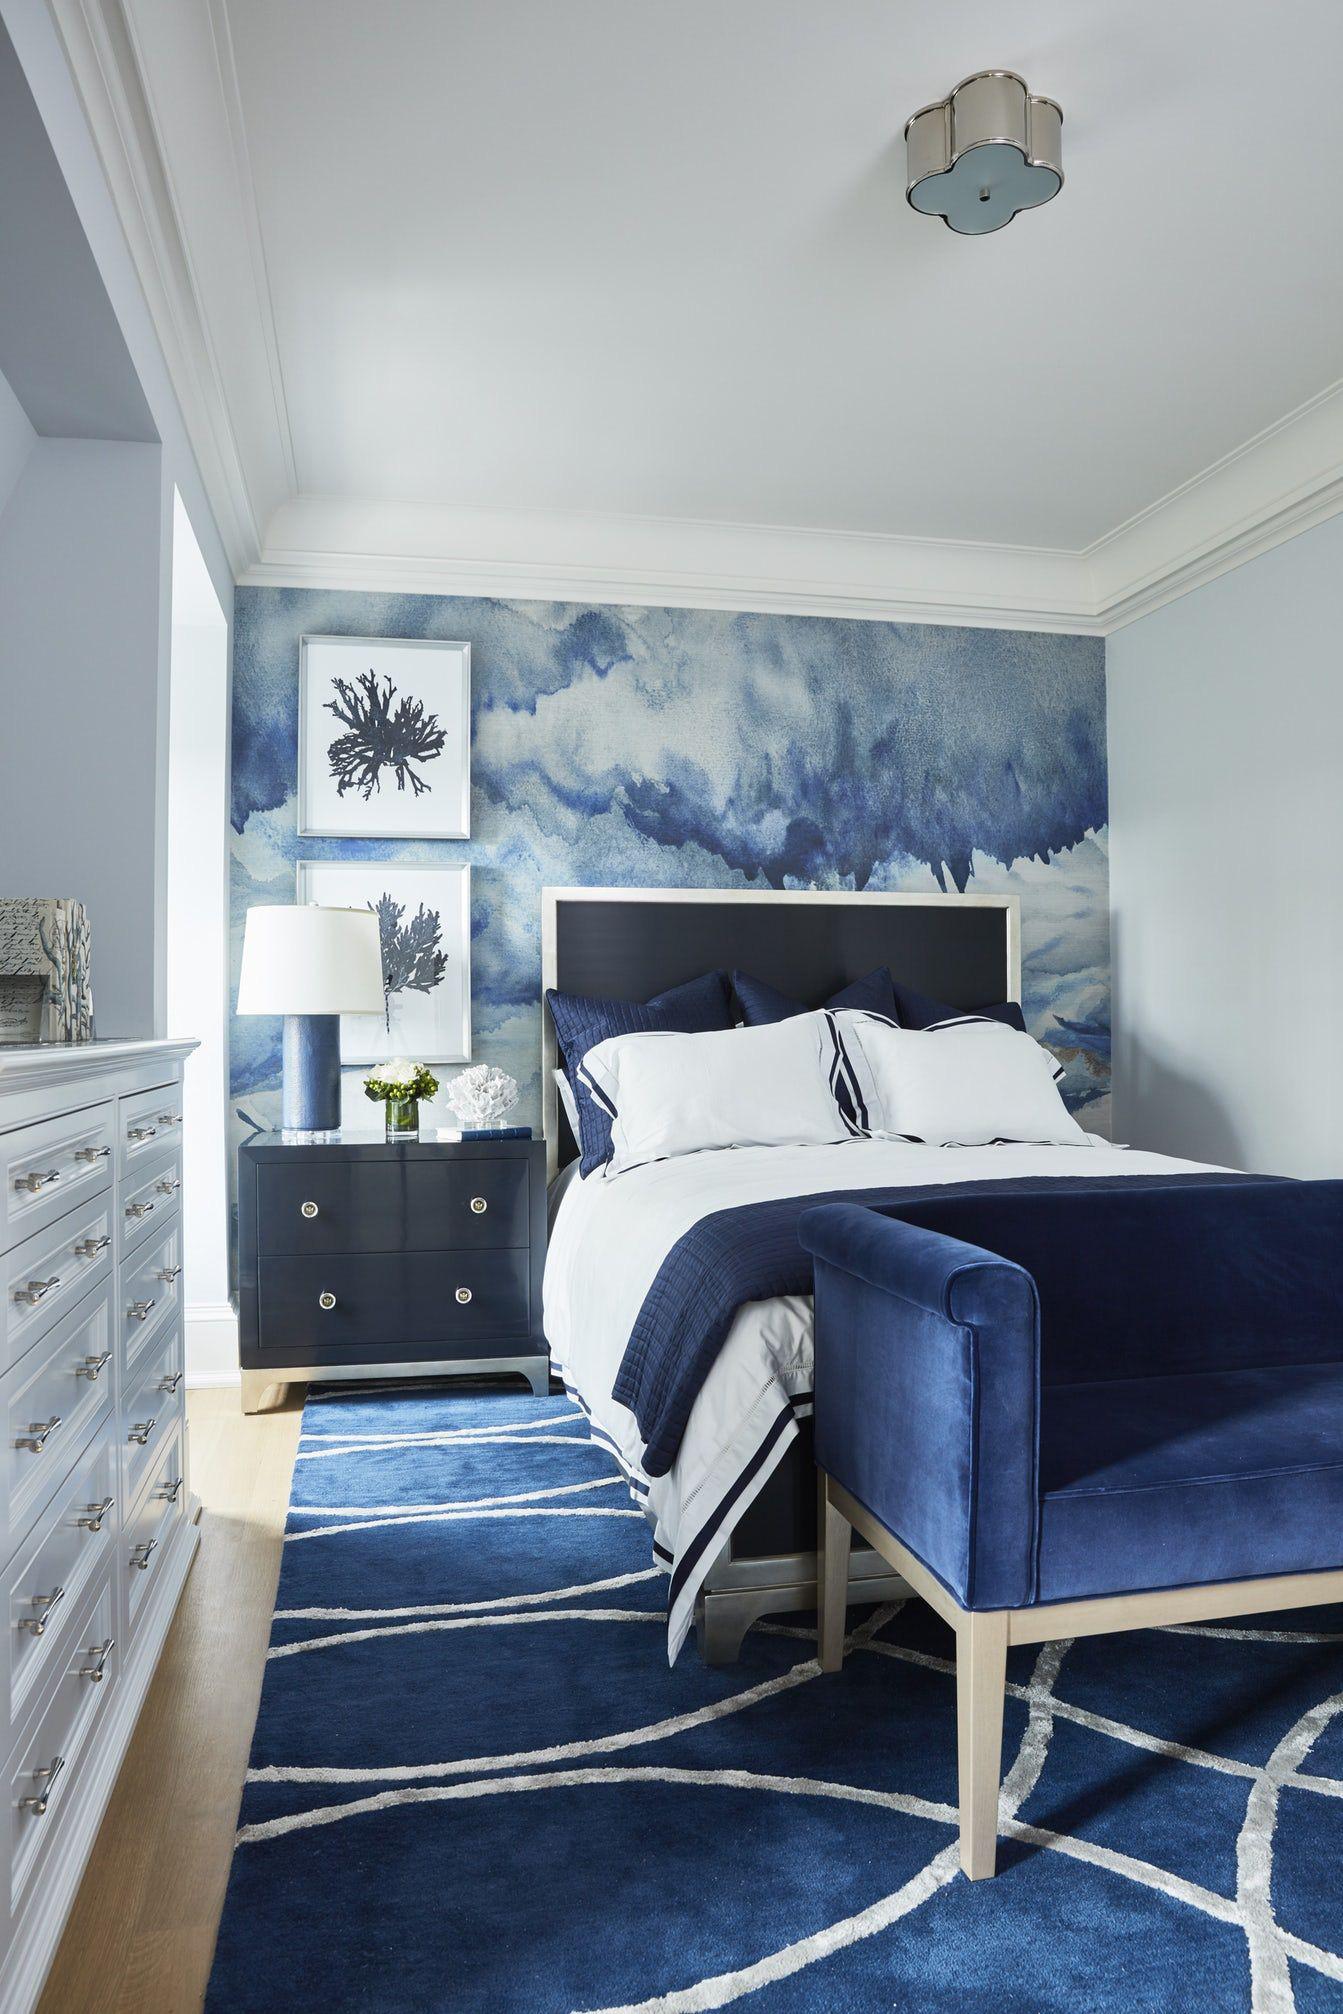 Sức lôi cuốn khó lòng chối từ những căn phòng ngủ mang sắc xanh biển cả - Ảnh 16.